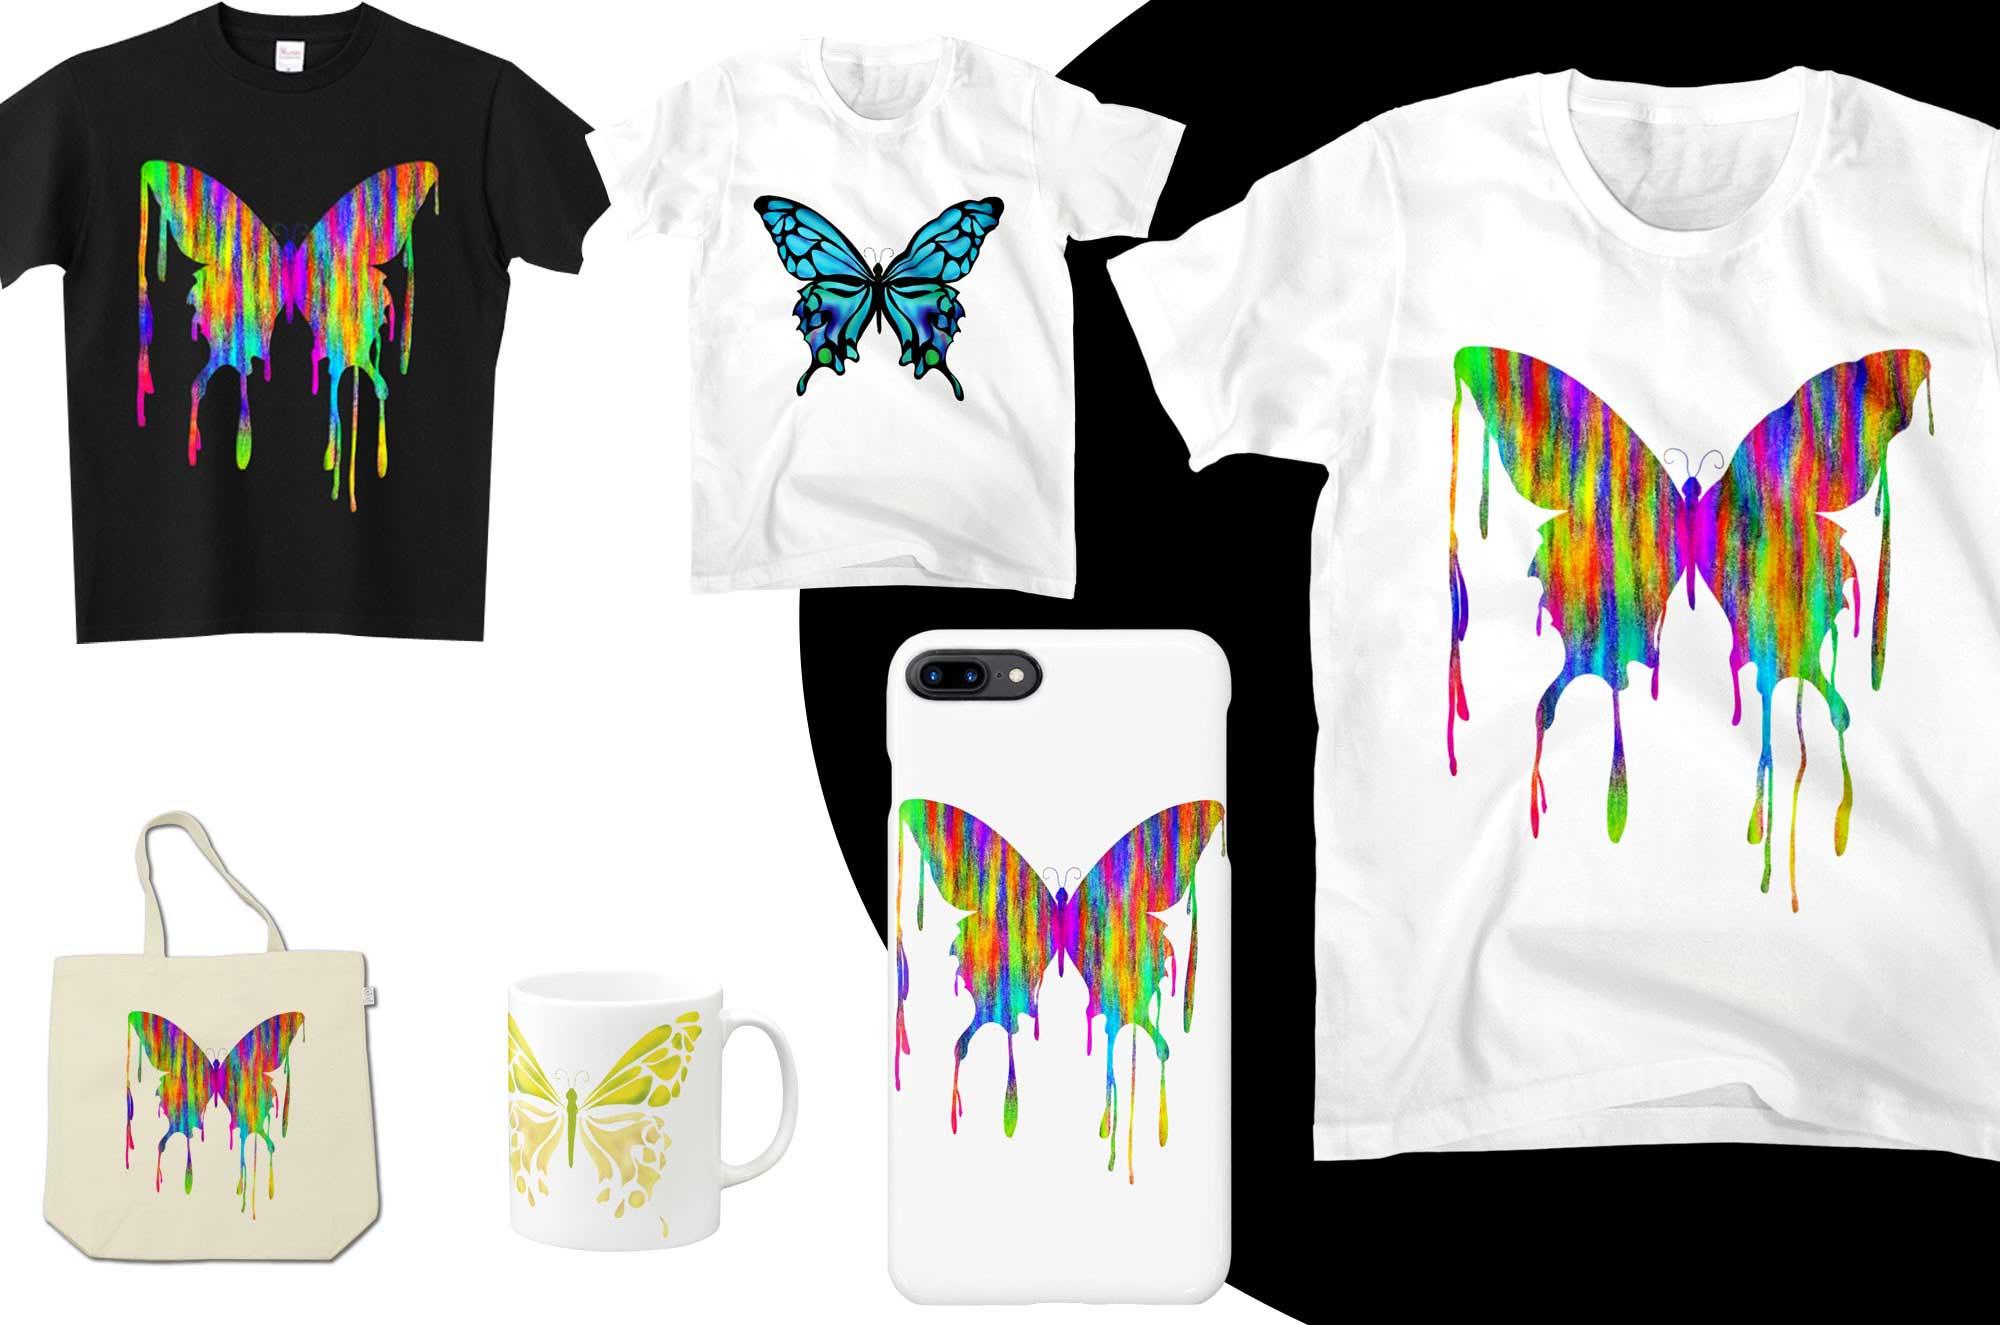 不思議な蝶々のデザインTシャツ - とっても可愛いアート